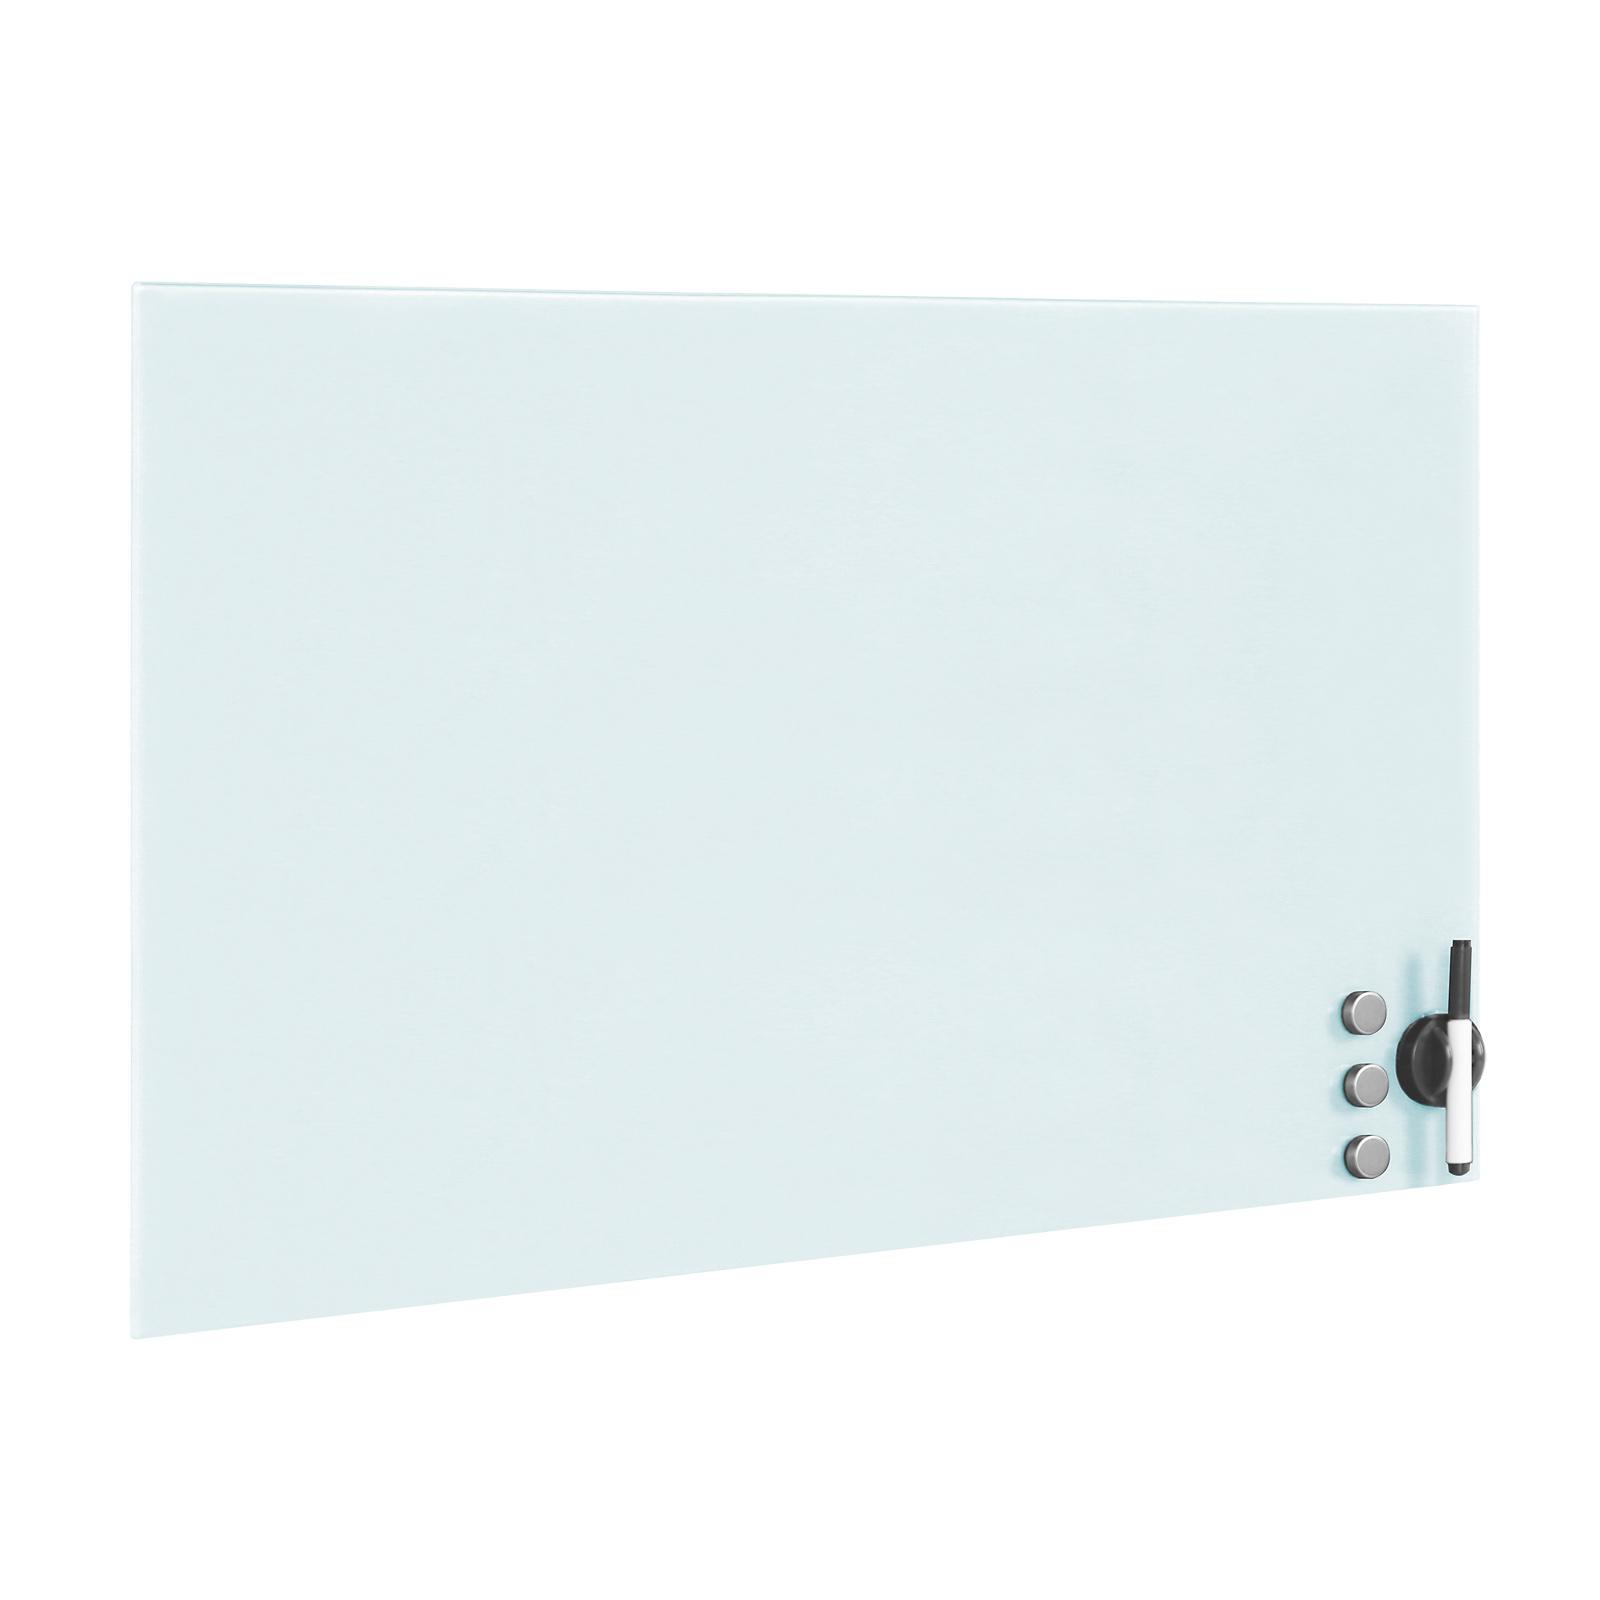 glasboard magnettafel magnetwand memoboard magnetisch whiteboard wandtafel ebay. Black Bedroom Furniture Sets. Home Design Ideas